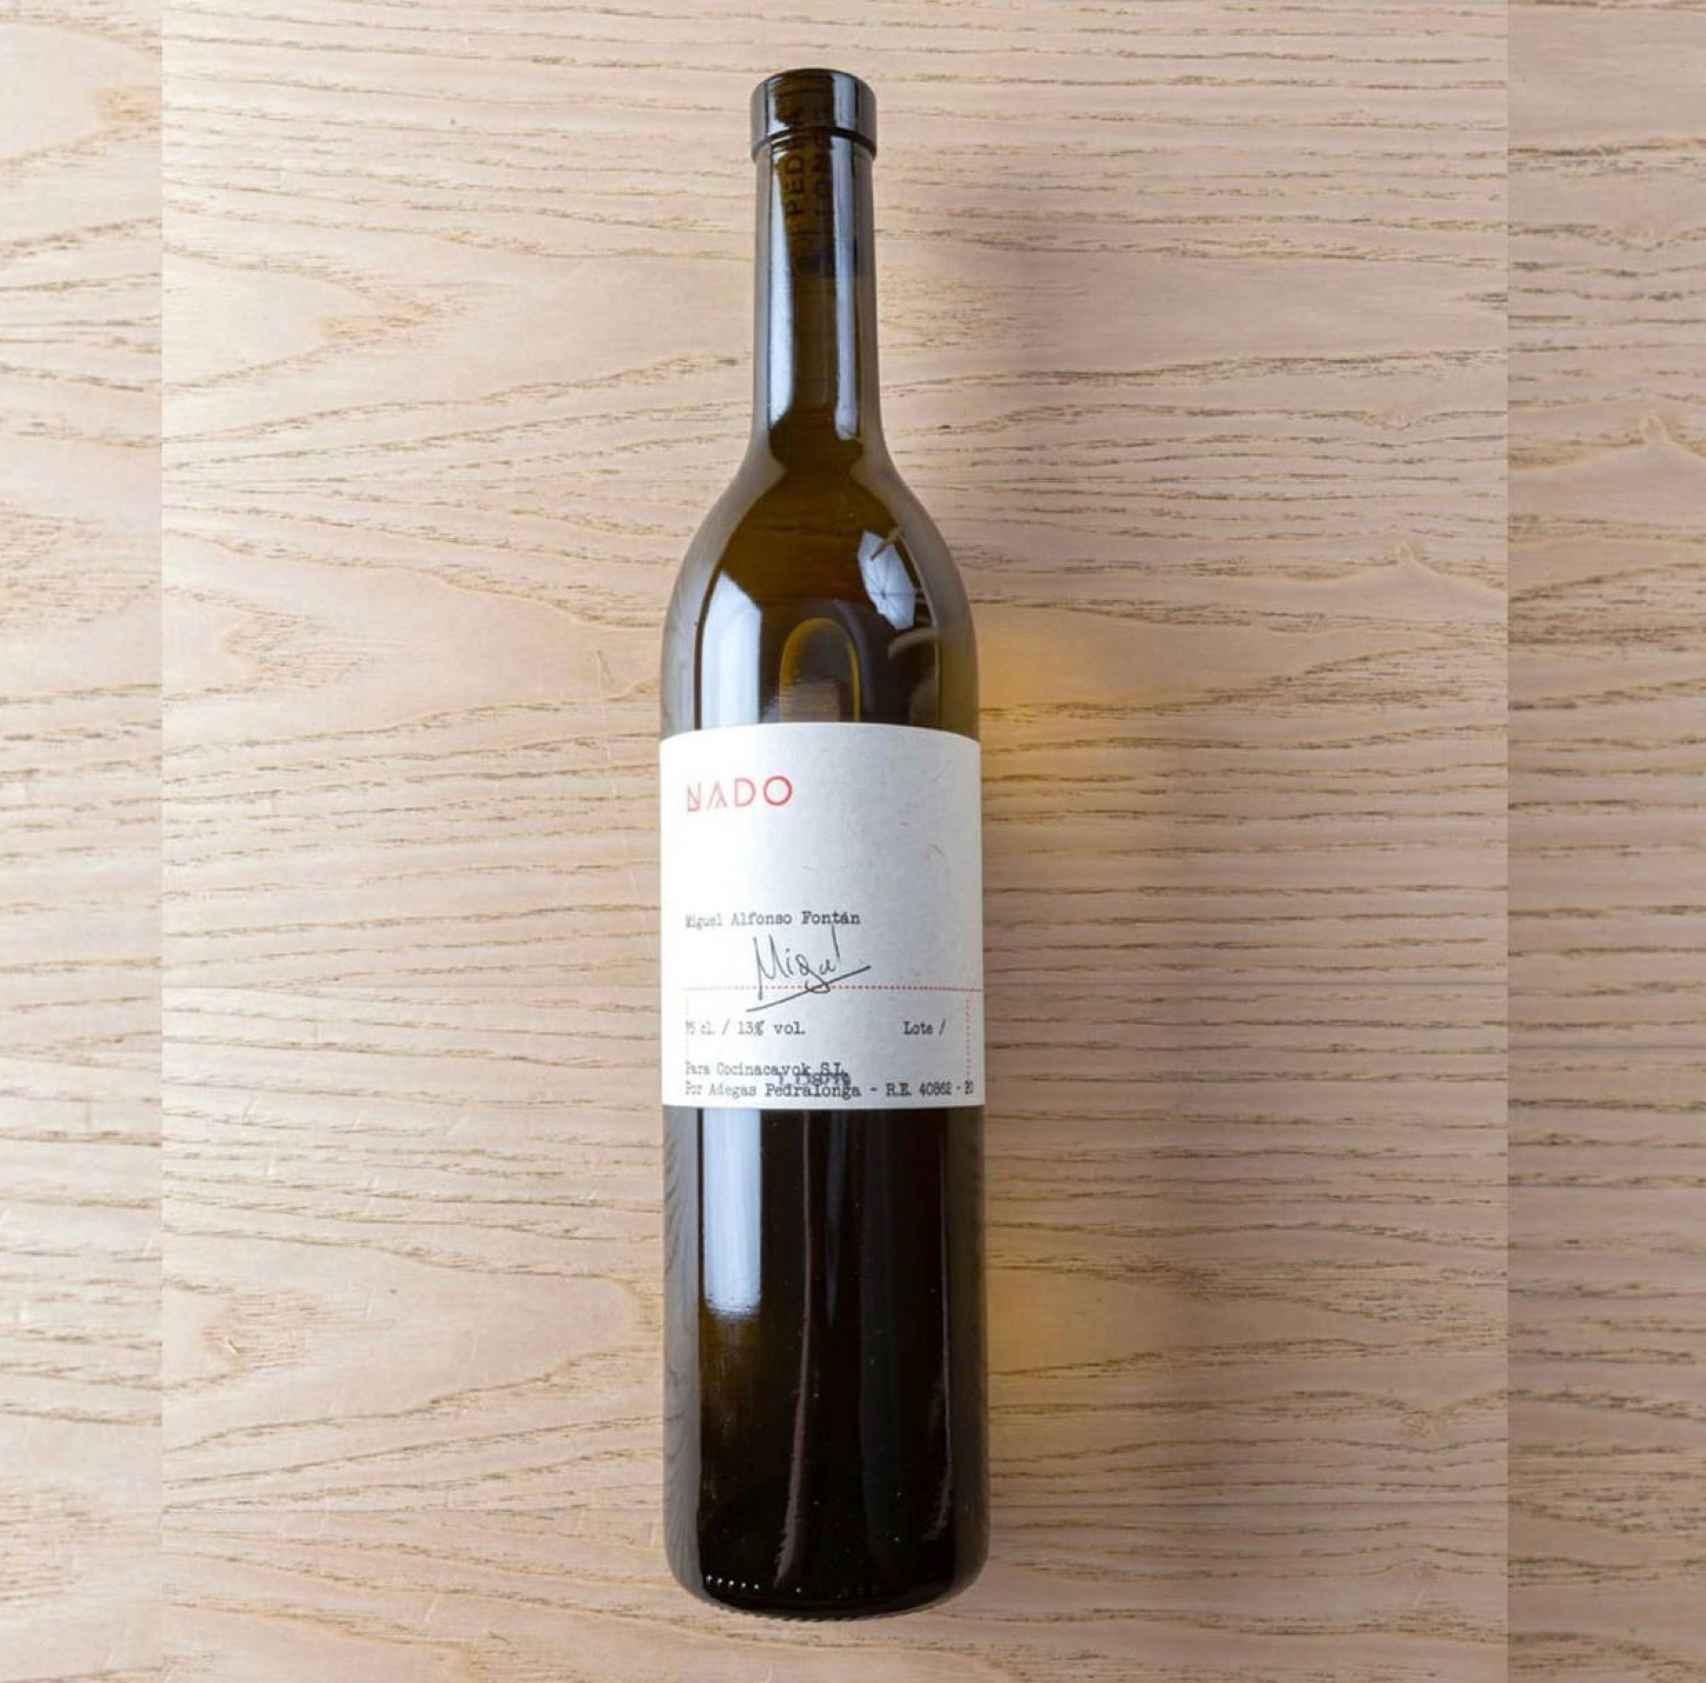 Uno de los vinos 'personalizados' de NaDo.